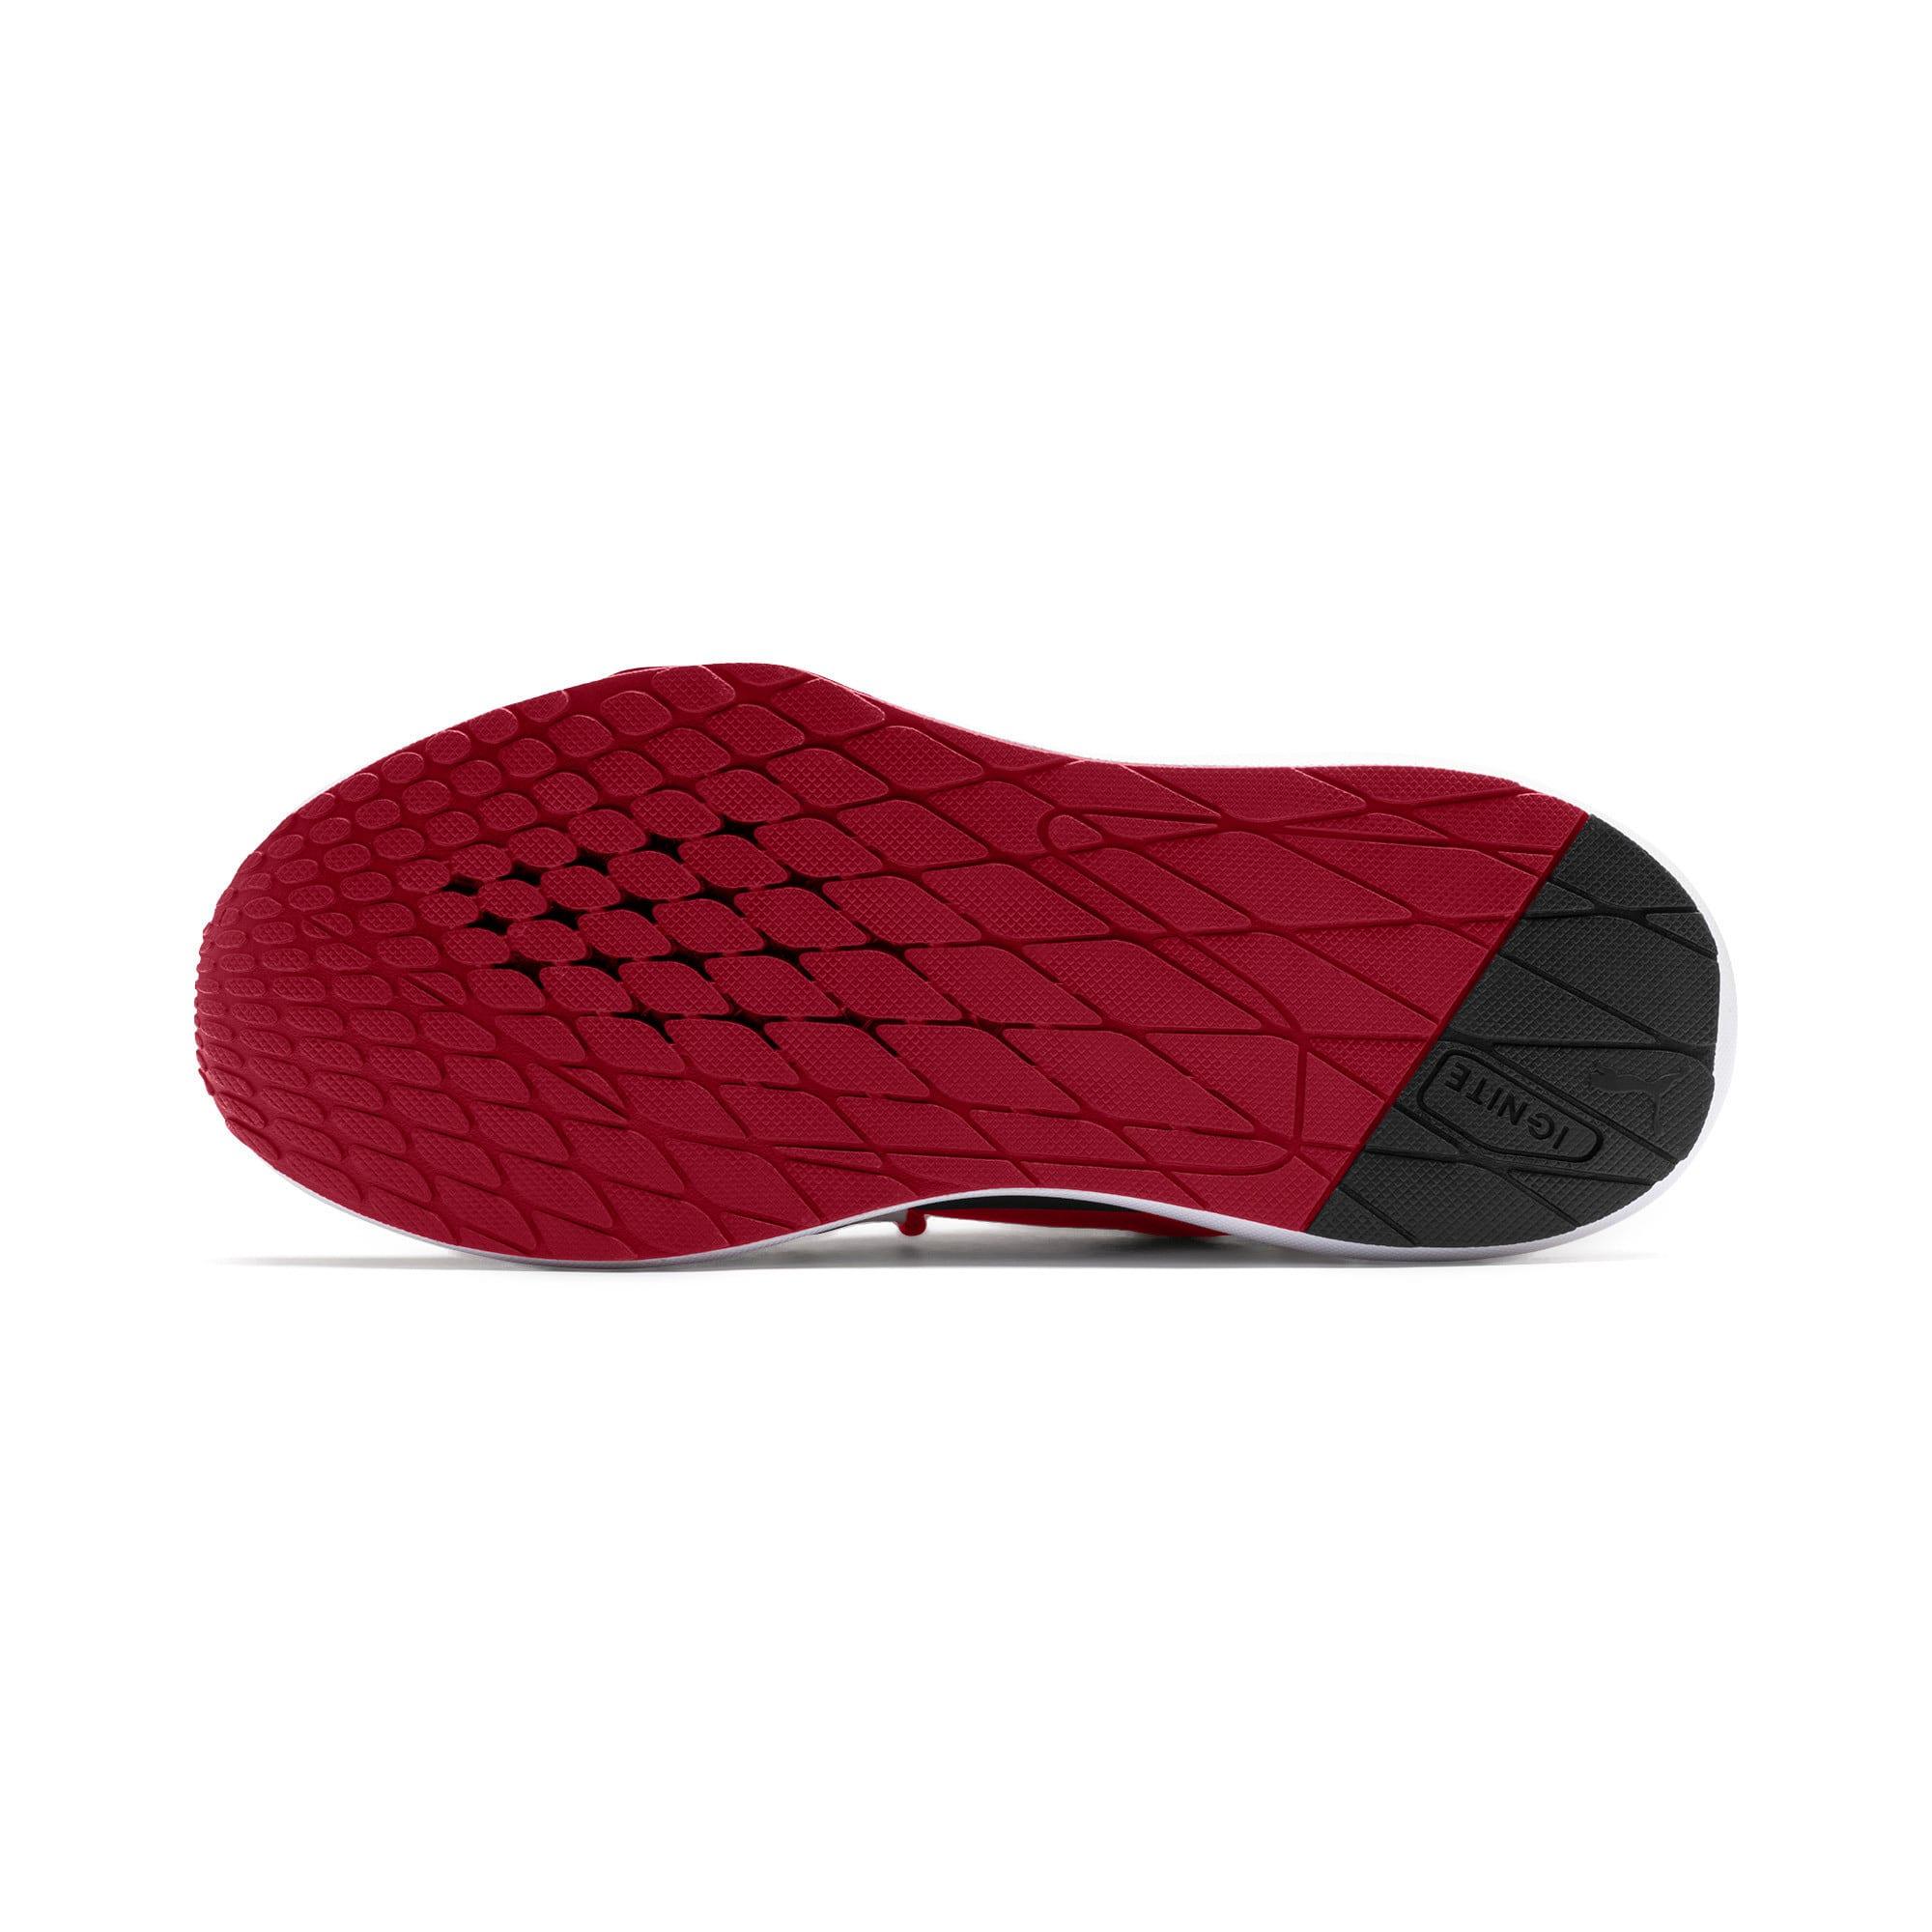 Miniatura 5 de Zapatos de entrenamiento de gamuzaScuderiaFerrariEvo Cat II, Rhubarb-Blk-PastelParchment, mediano